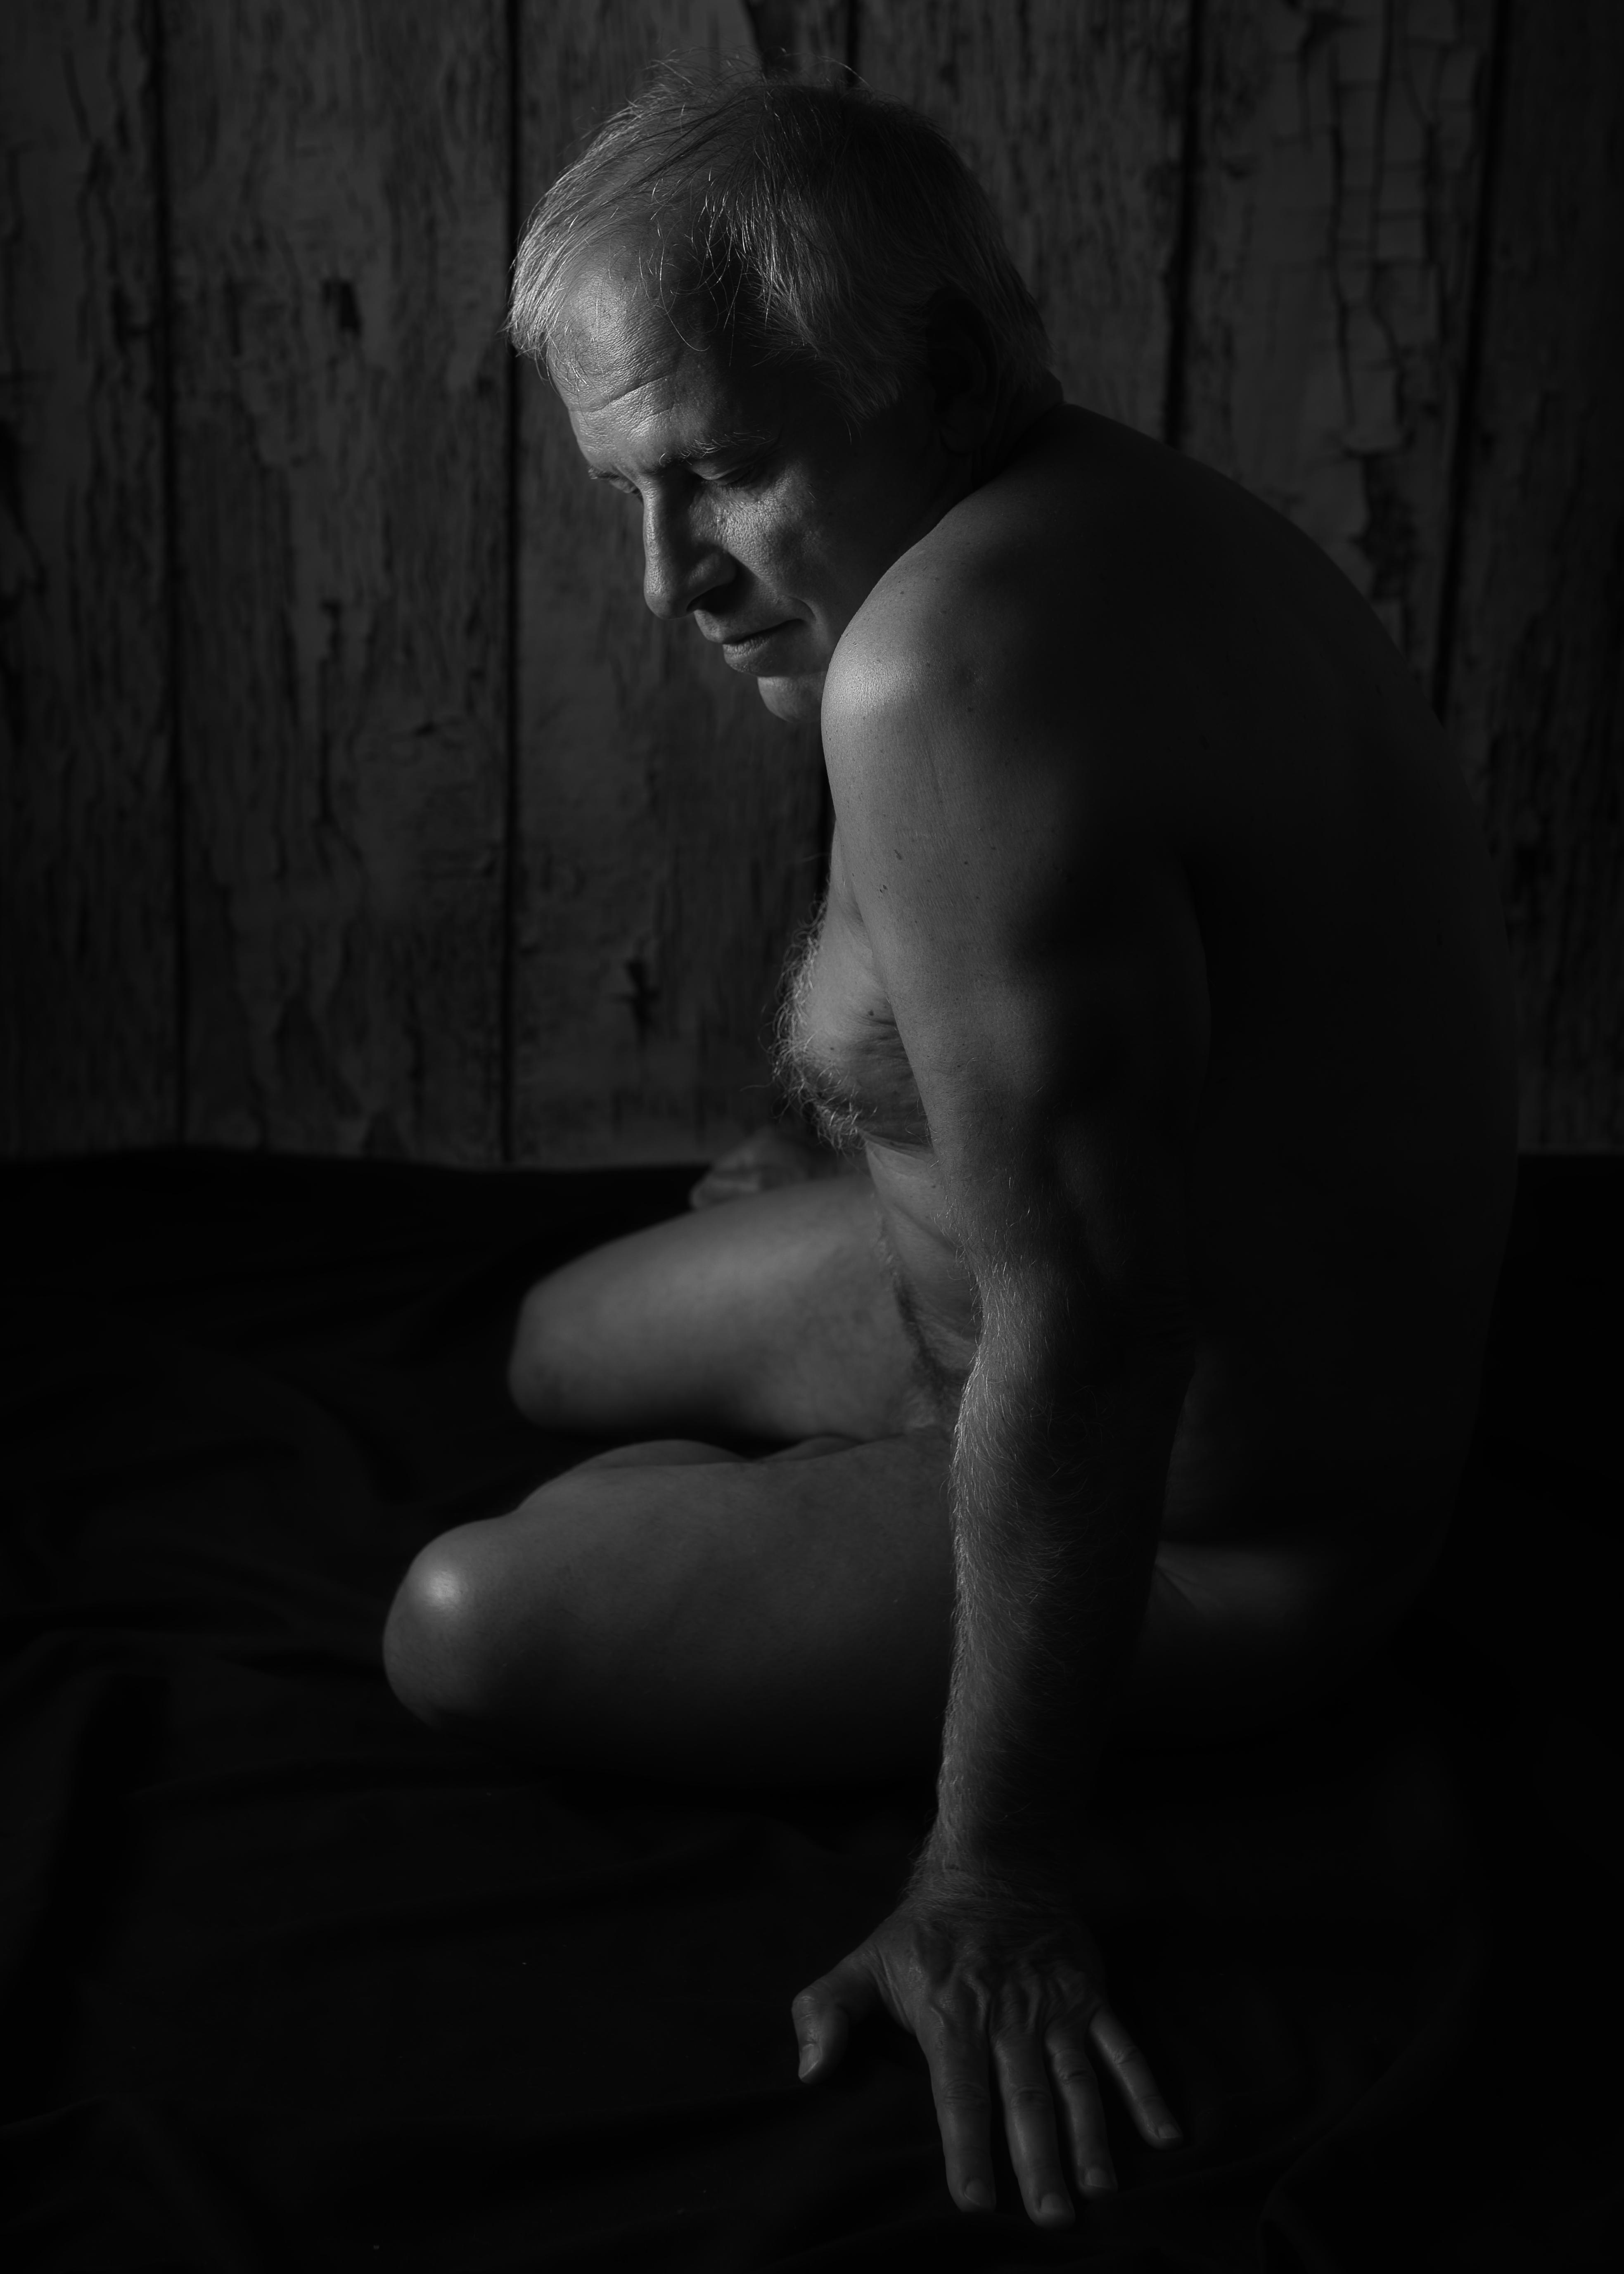 homme mature en nu artistique noir et blanc clair obscur assis au sol